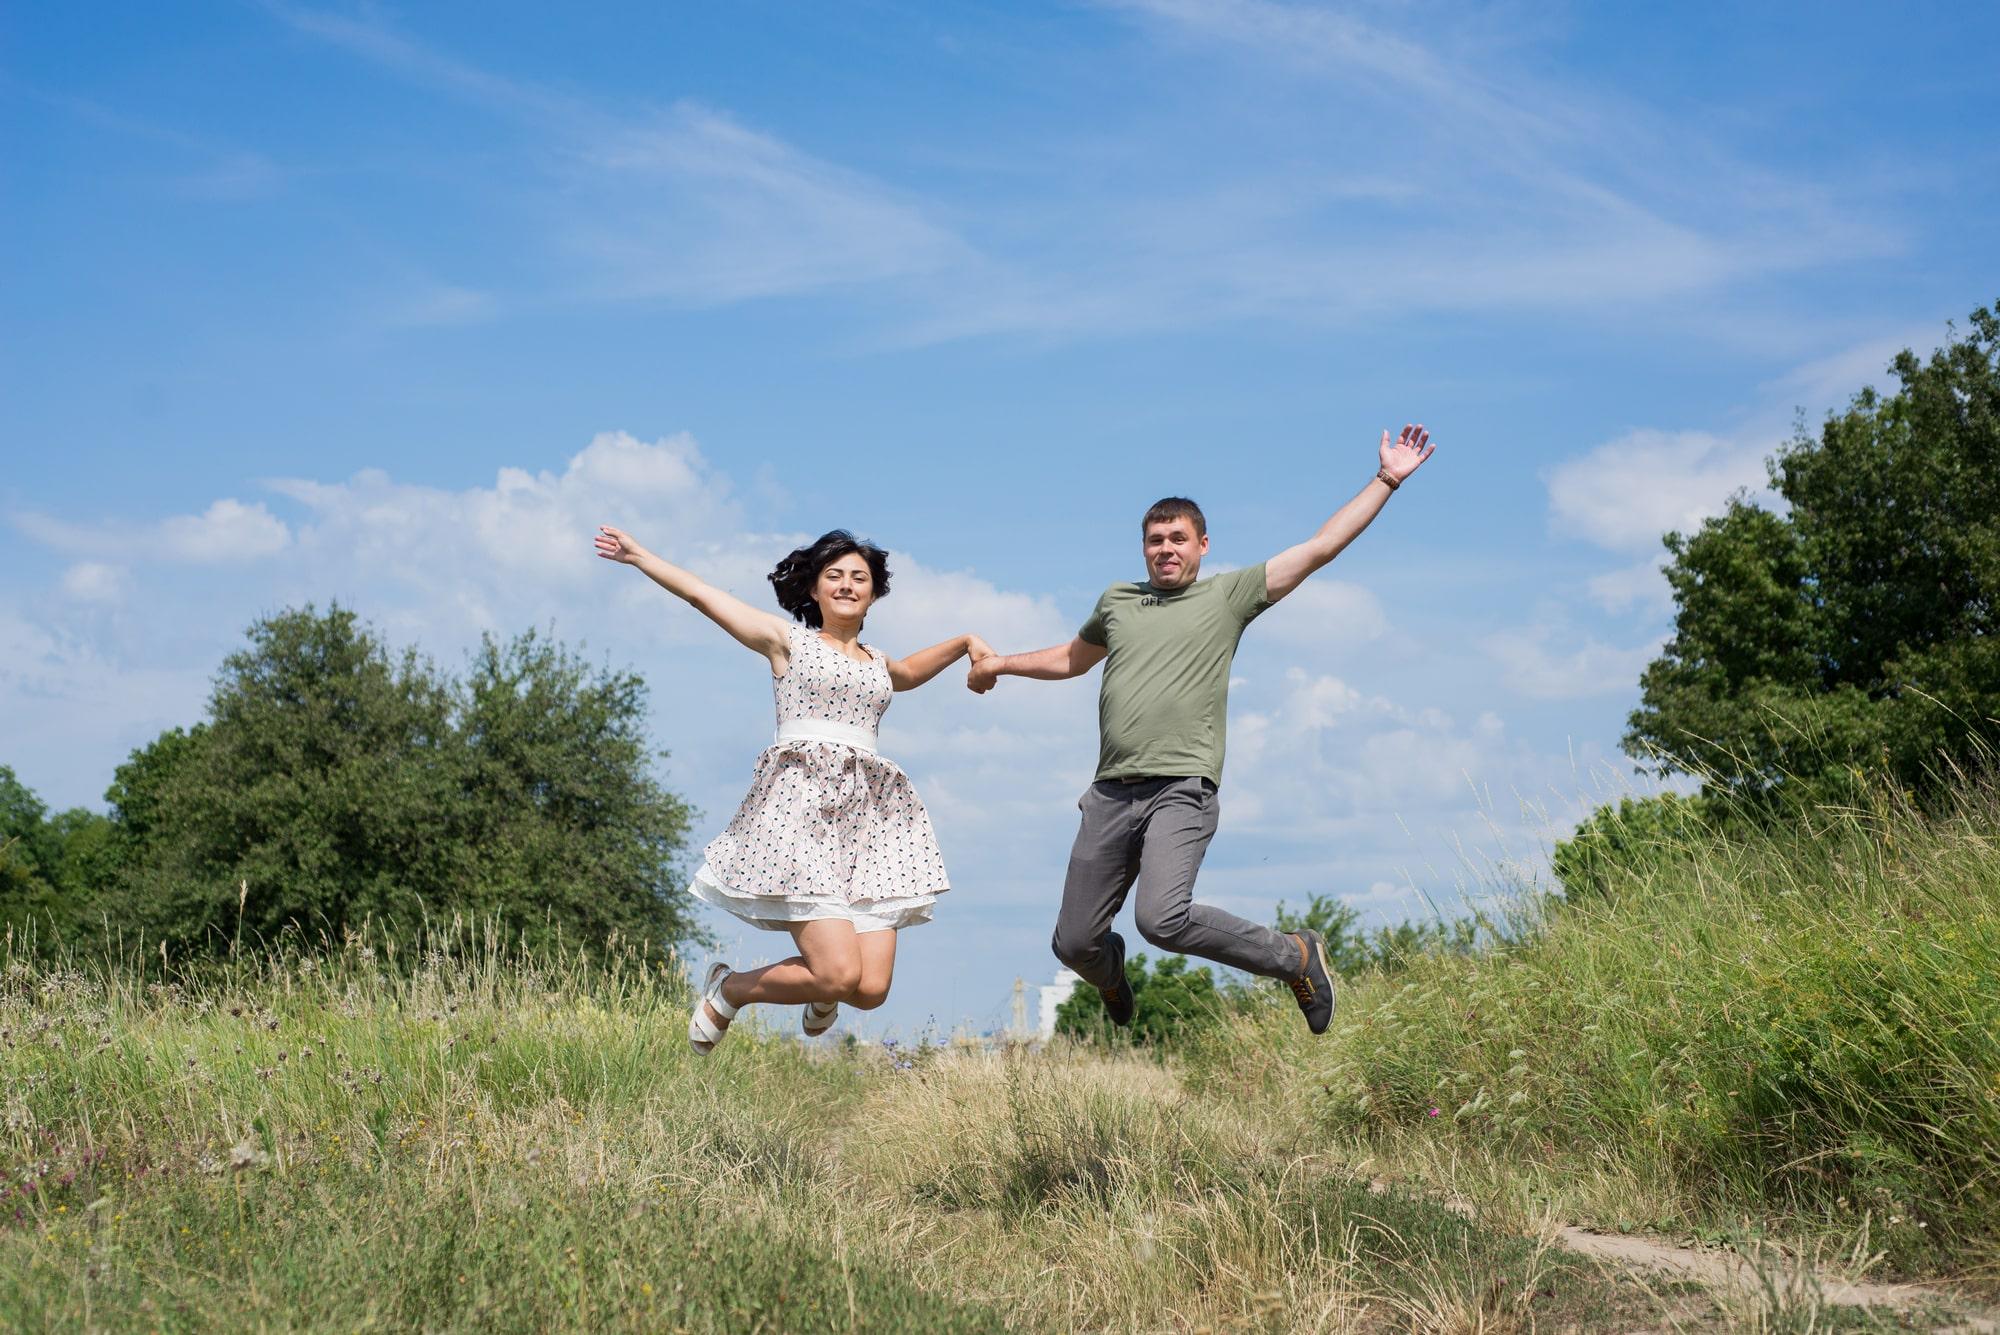 Воздушная фотосессия Love Story в Киеве - Фотограф Женя Лайт